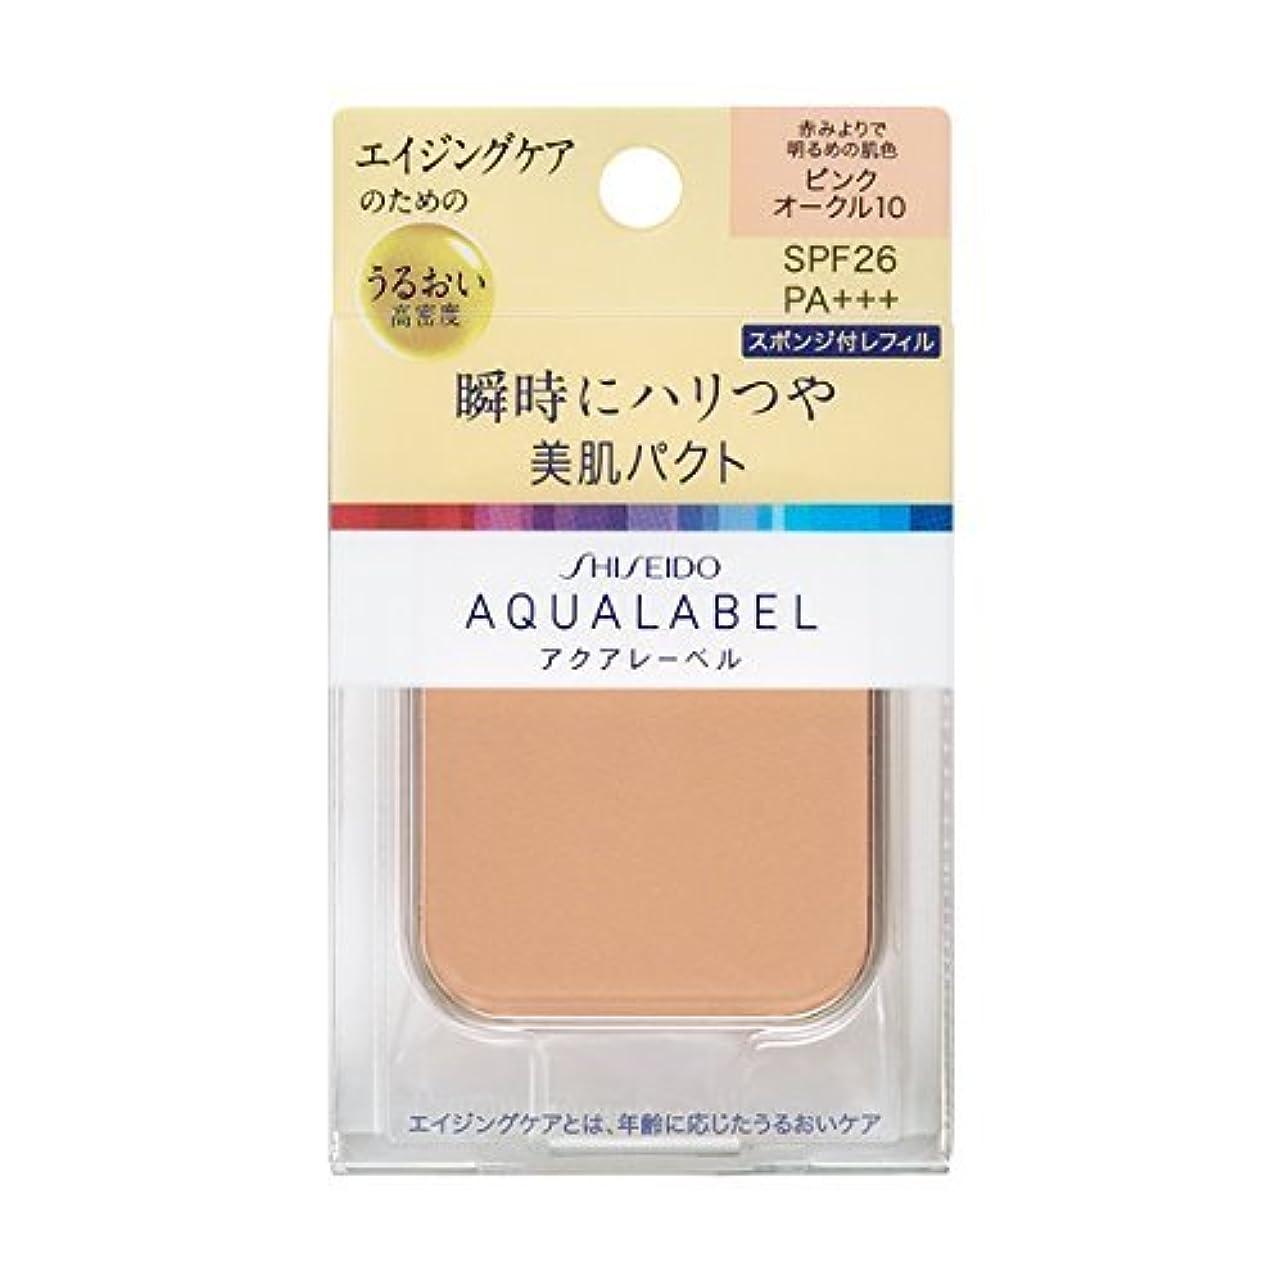 信頼性フェザー失敗アクアレーベル 明るいつや肌パクト ピンクオークル10 (レフィル) 11.5g×6個